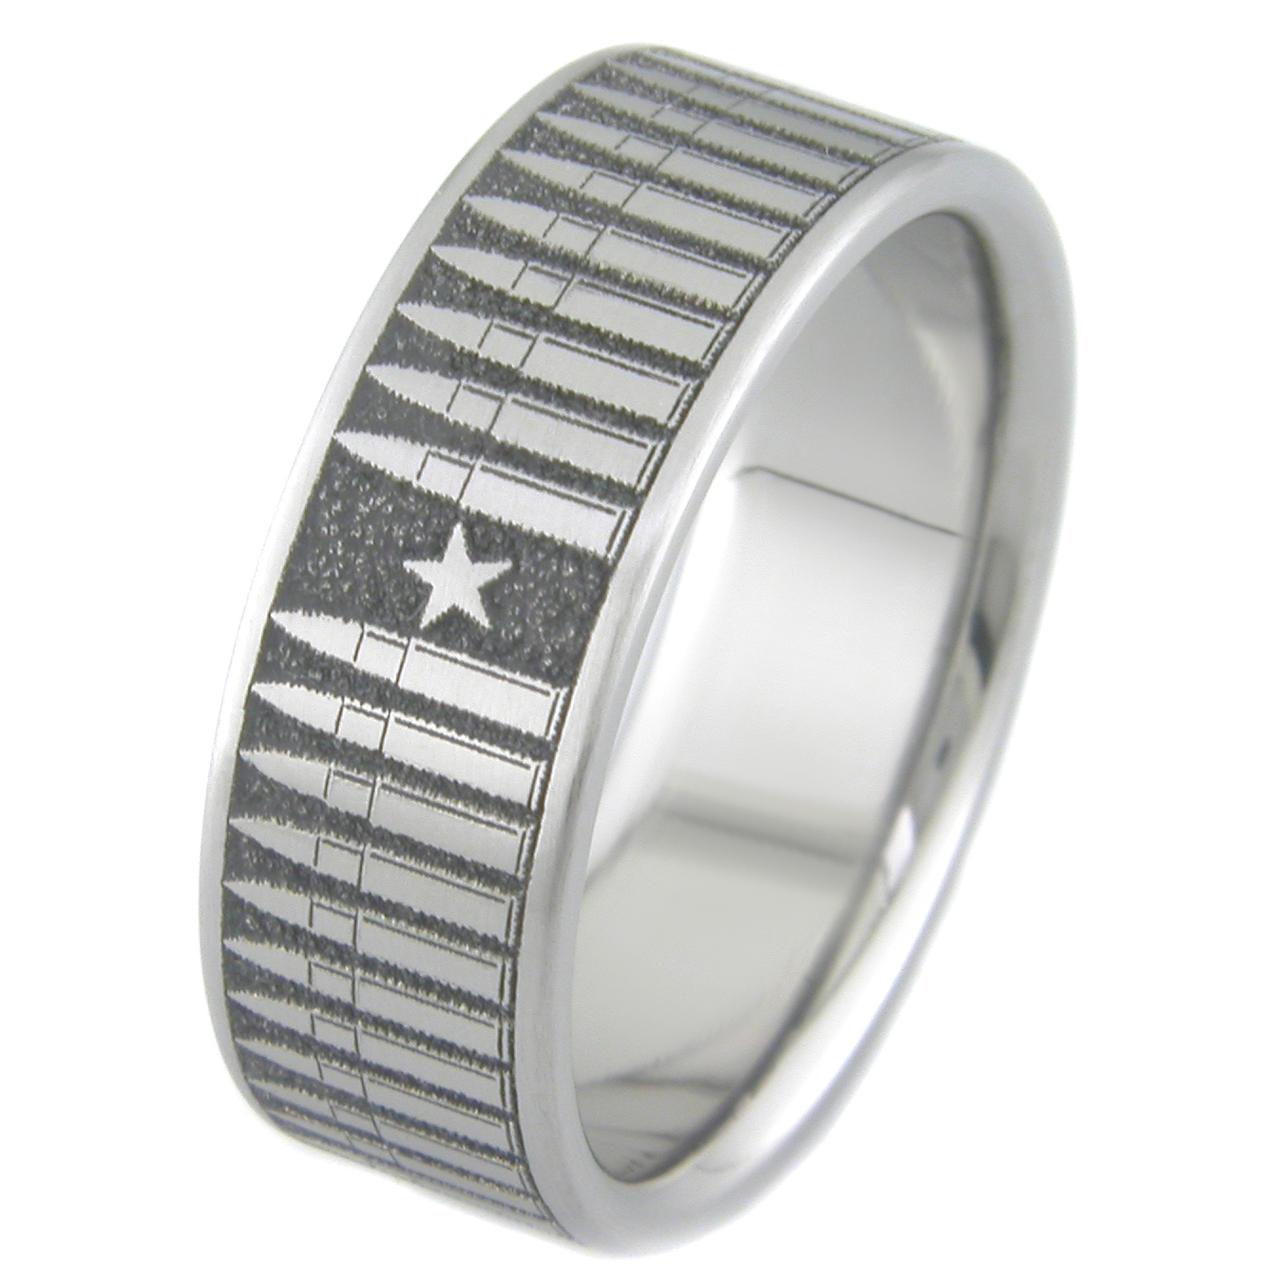 Mens LaserCarved Titanium Bullet Ring TitaniumBuzz